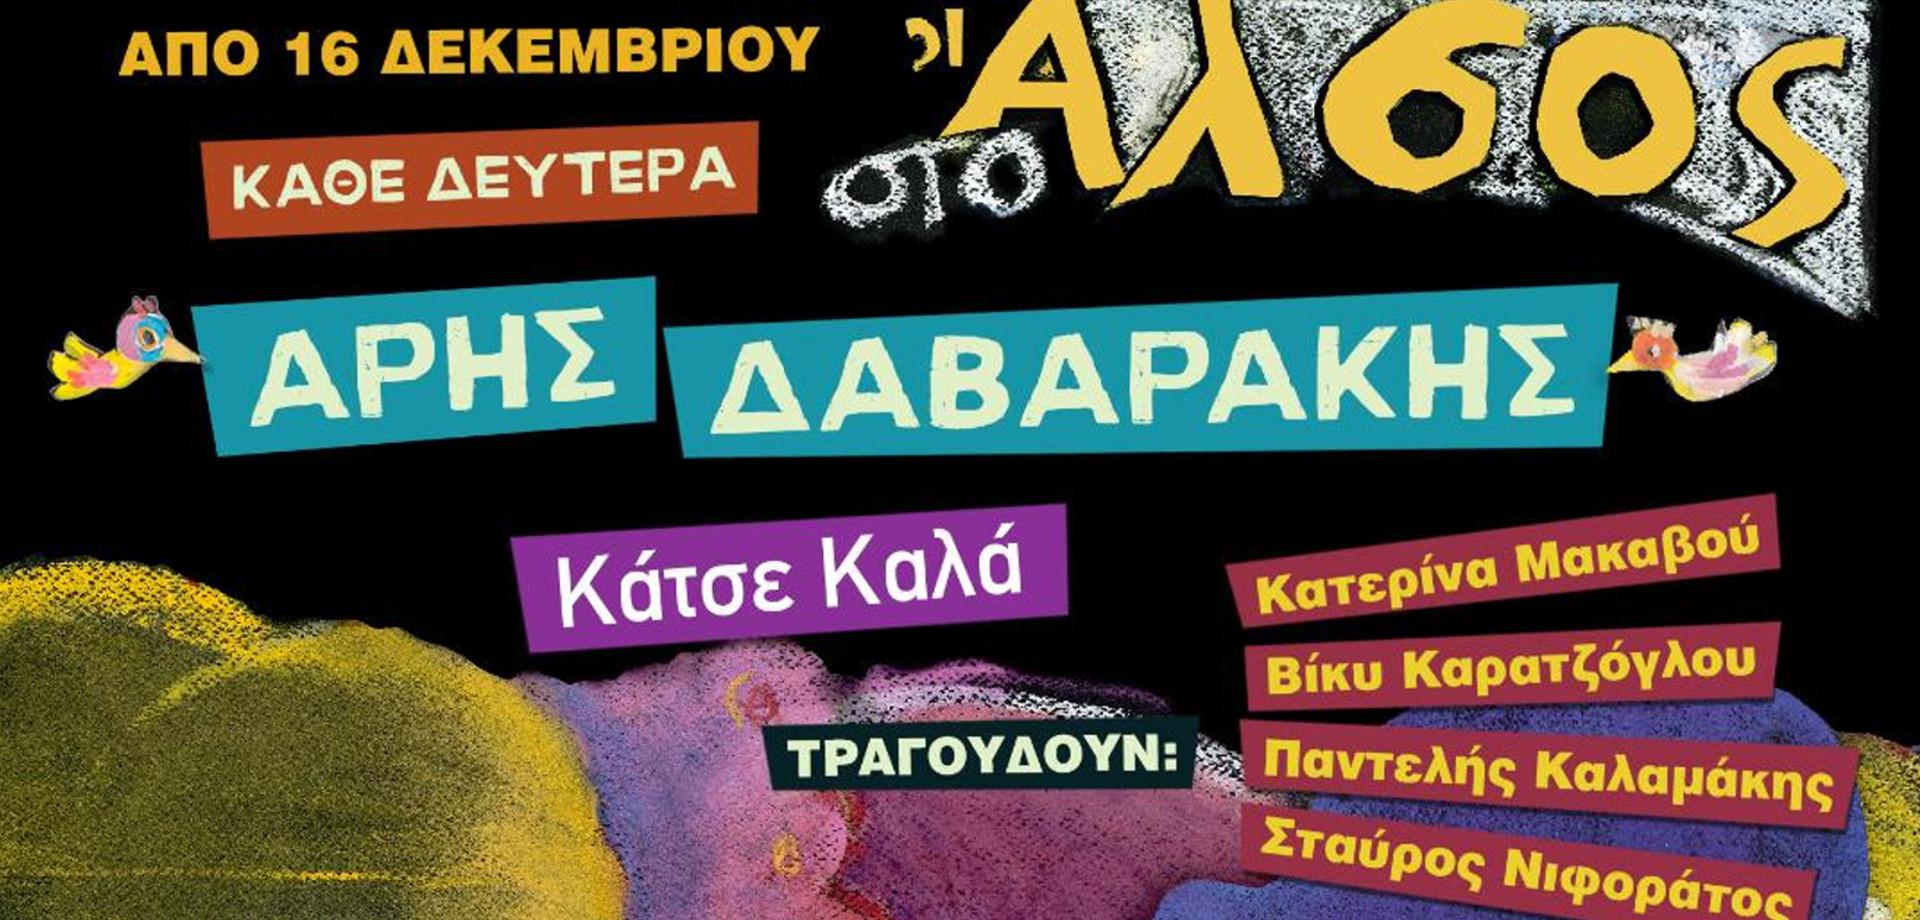 «Κάτσε Καλά»: Μία παράσταση με τα αγαπημένα τραγούδια του Άρη Δαβαράκη